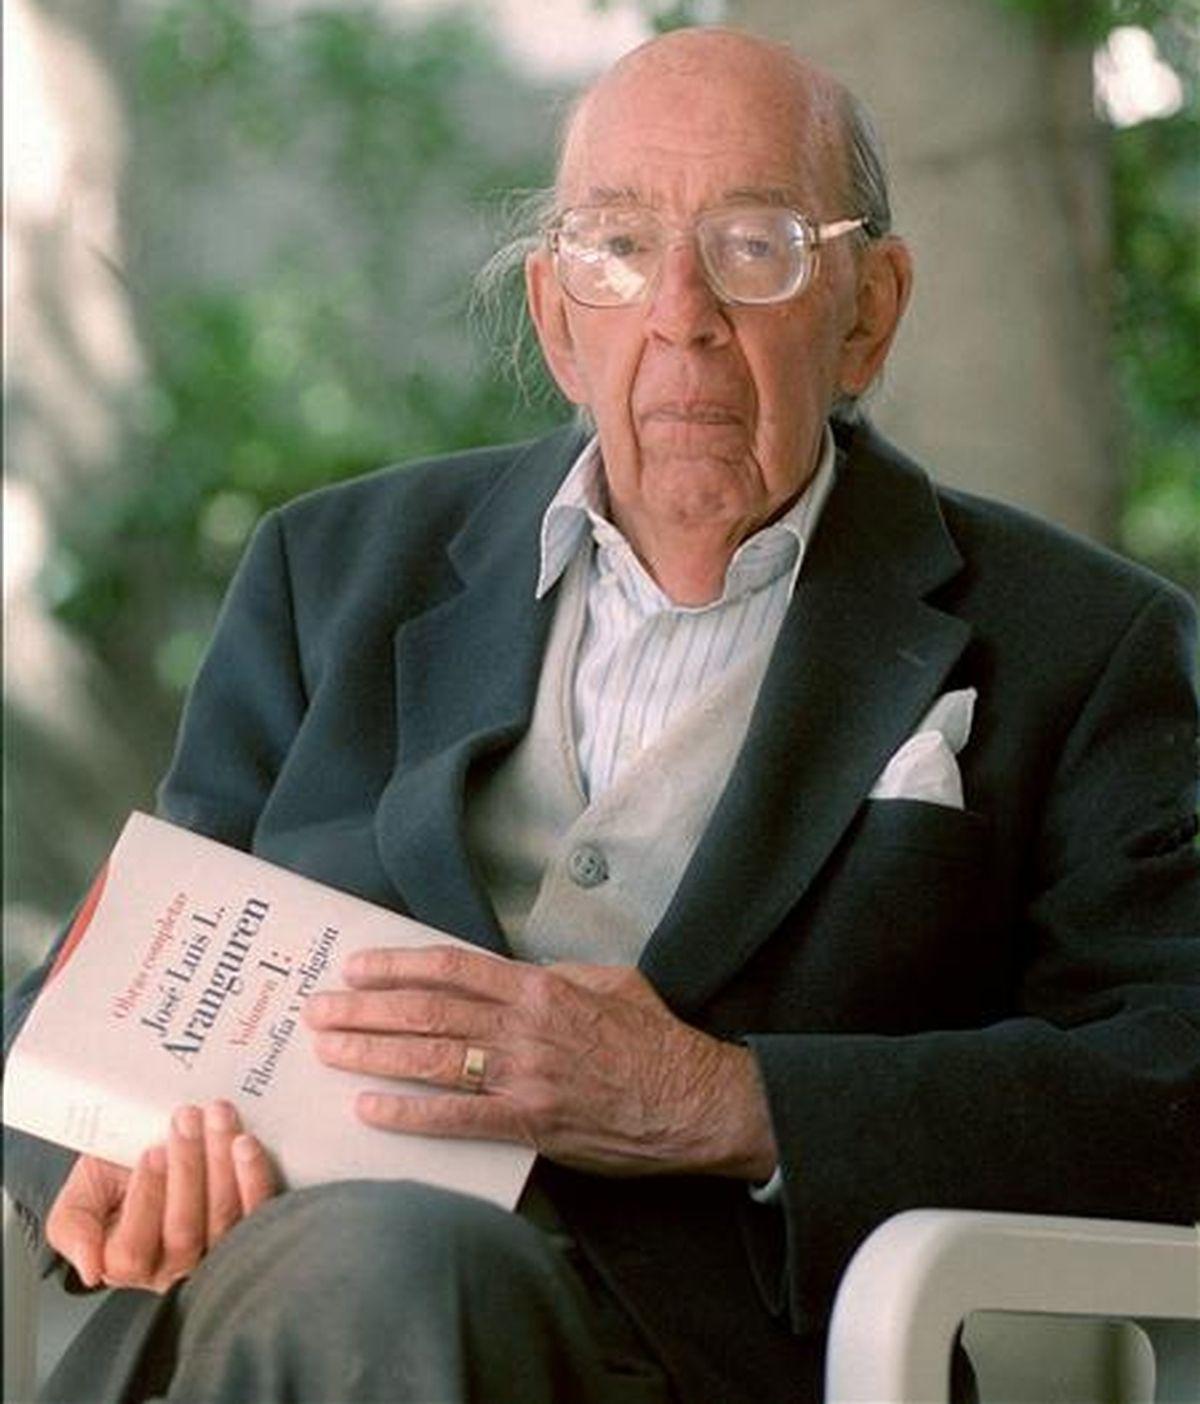 El filosofo José Luis López Aranguren posaba con uno de sus libros. EFE/Archivo